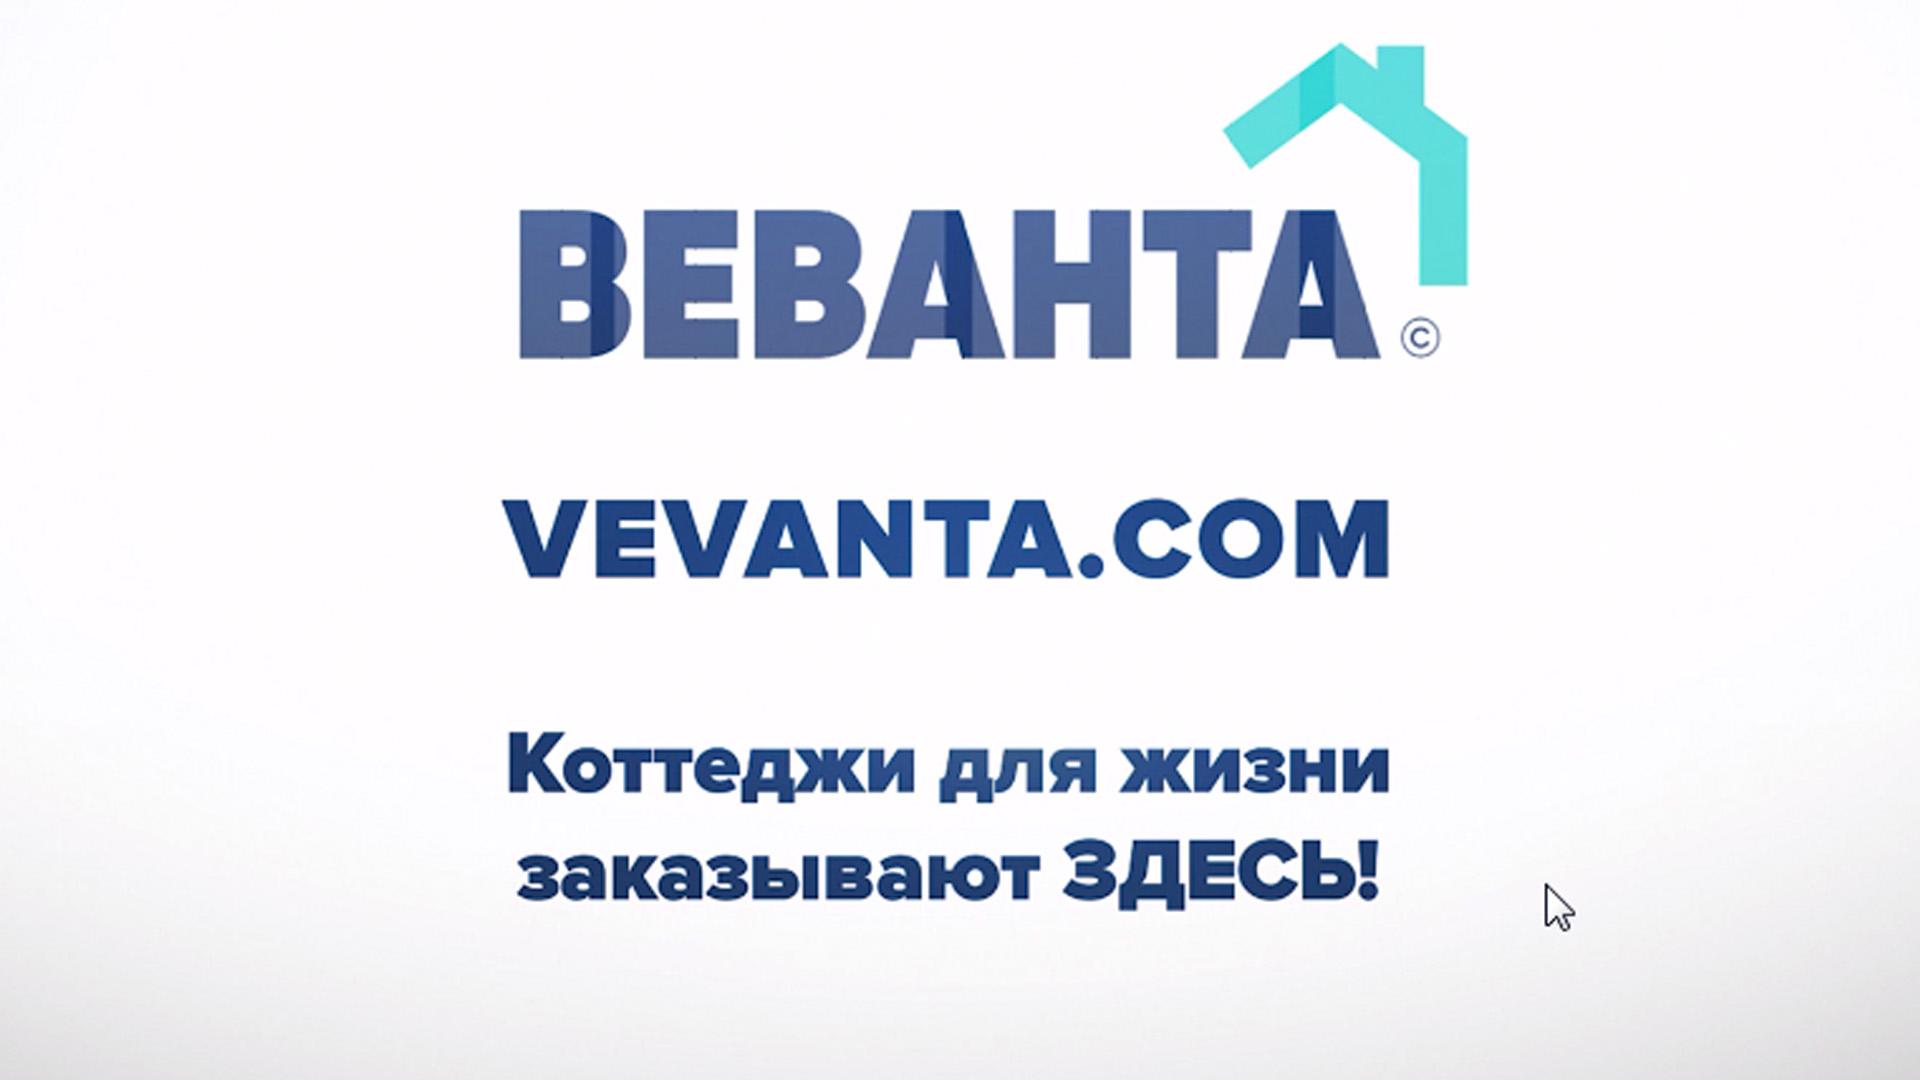 vevanta.com